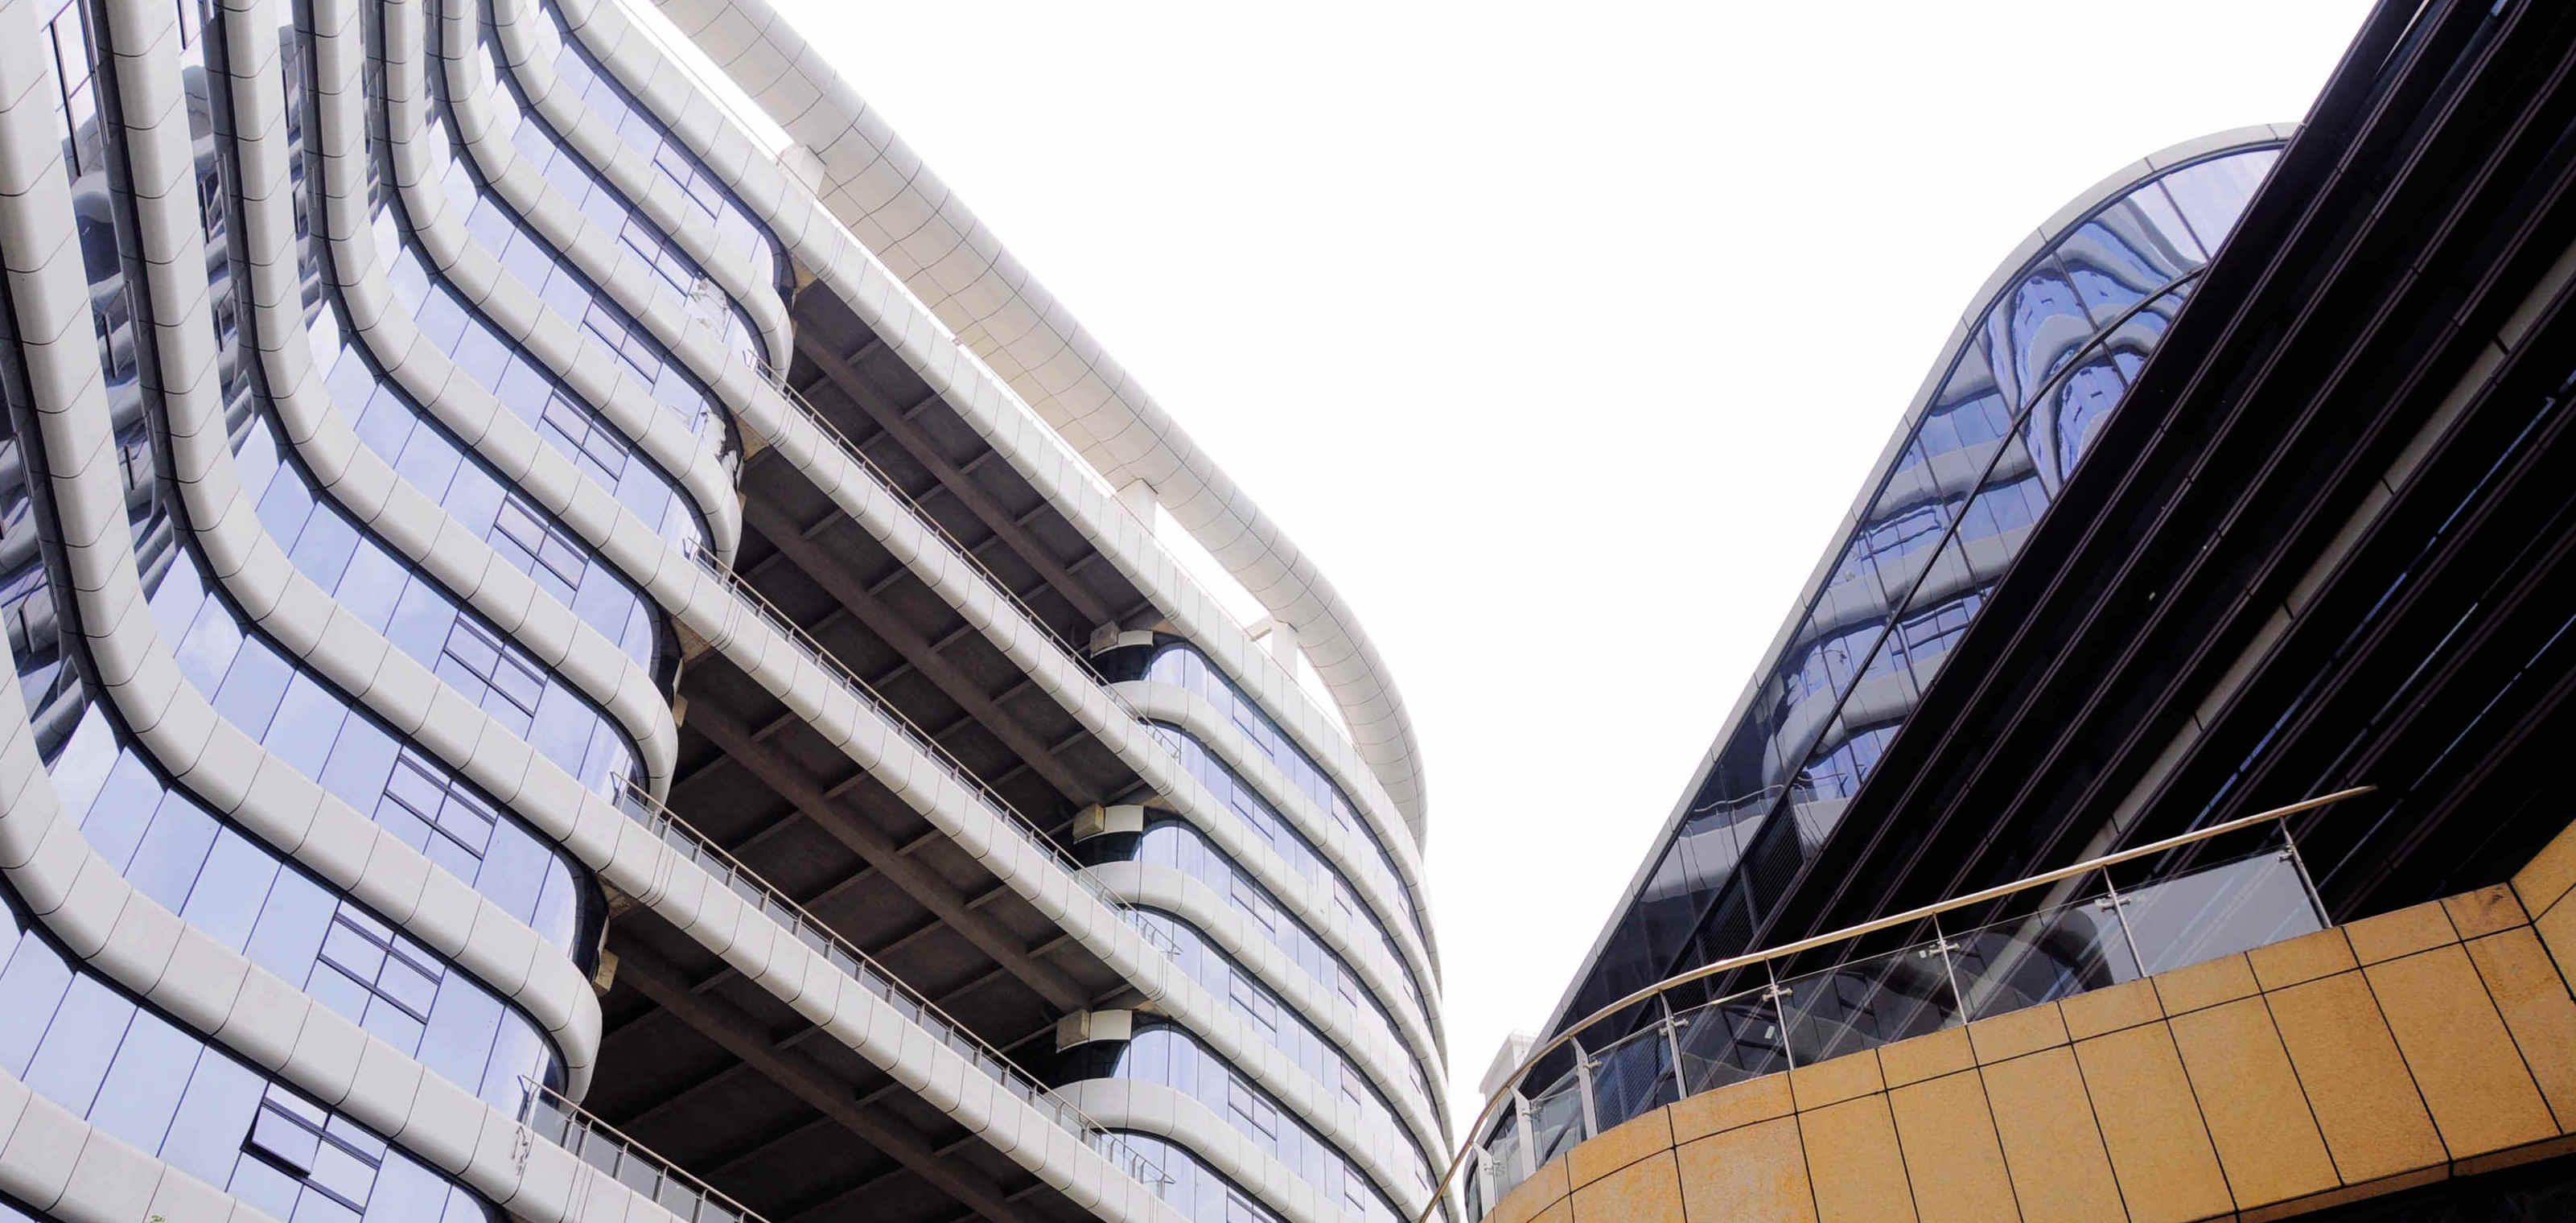 2021年6月份上海各区办公物业租赁市场热力指数TOP10